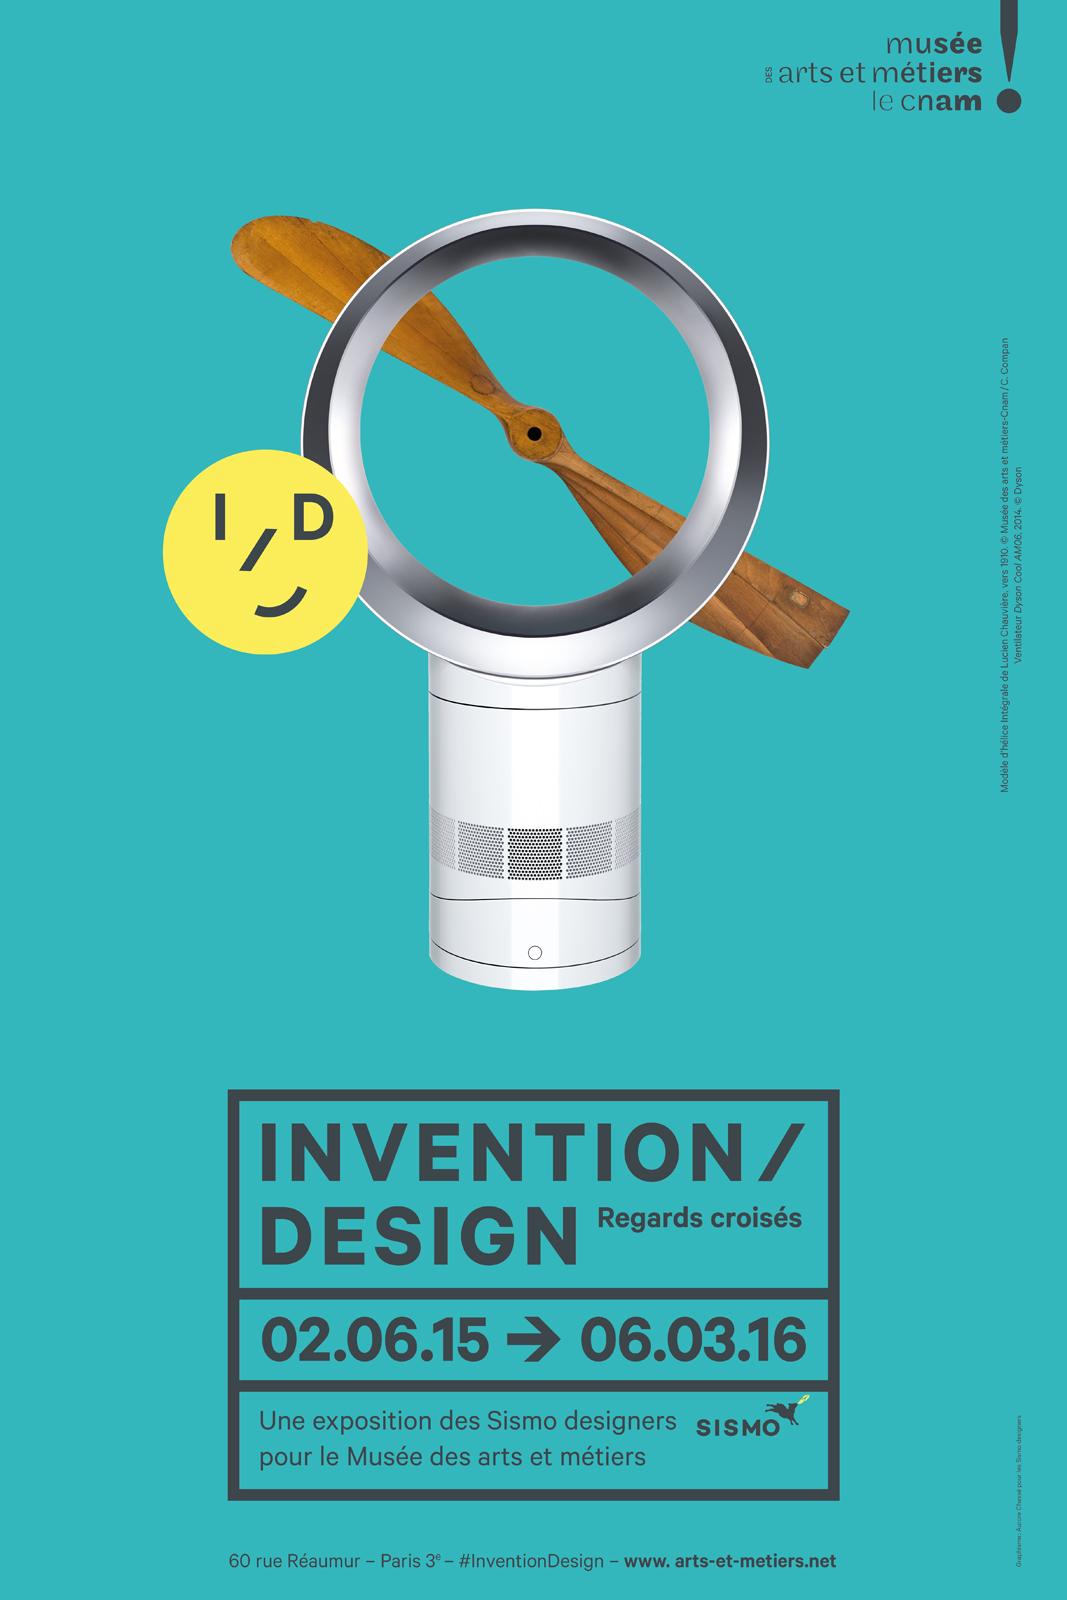 Invention Design Regards croisés exposition Musée des Arts et métiers le cnam paris expo des Sismo designers